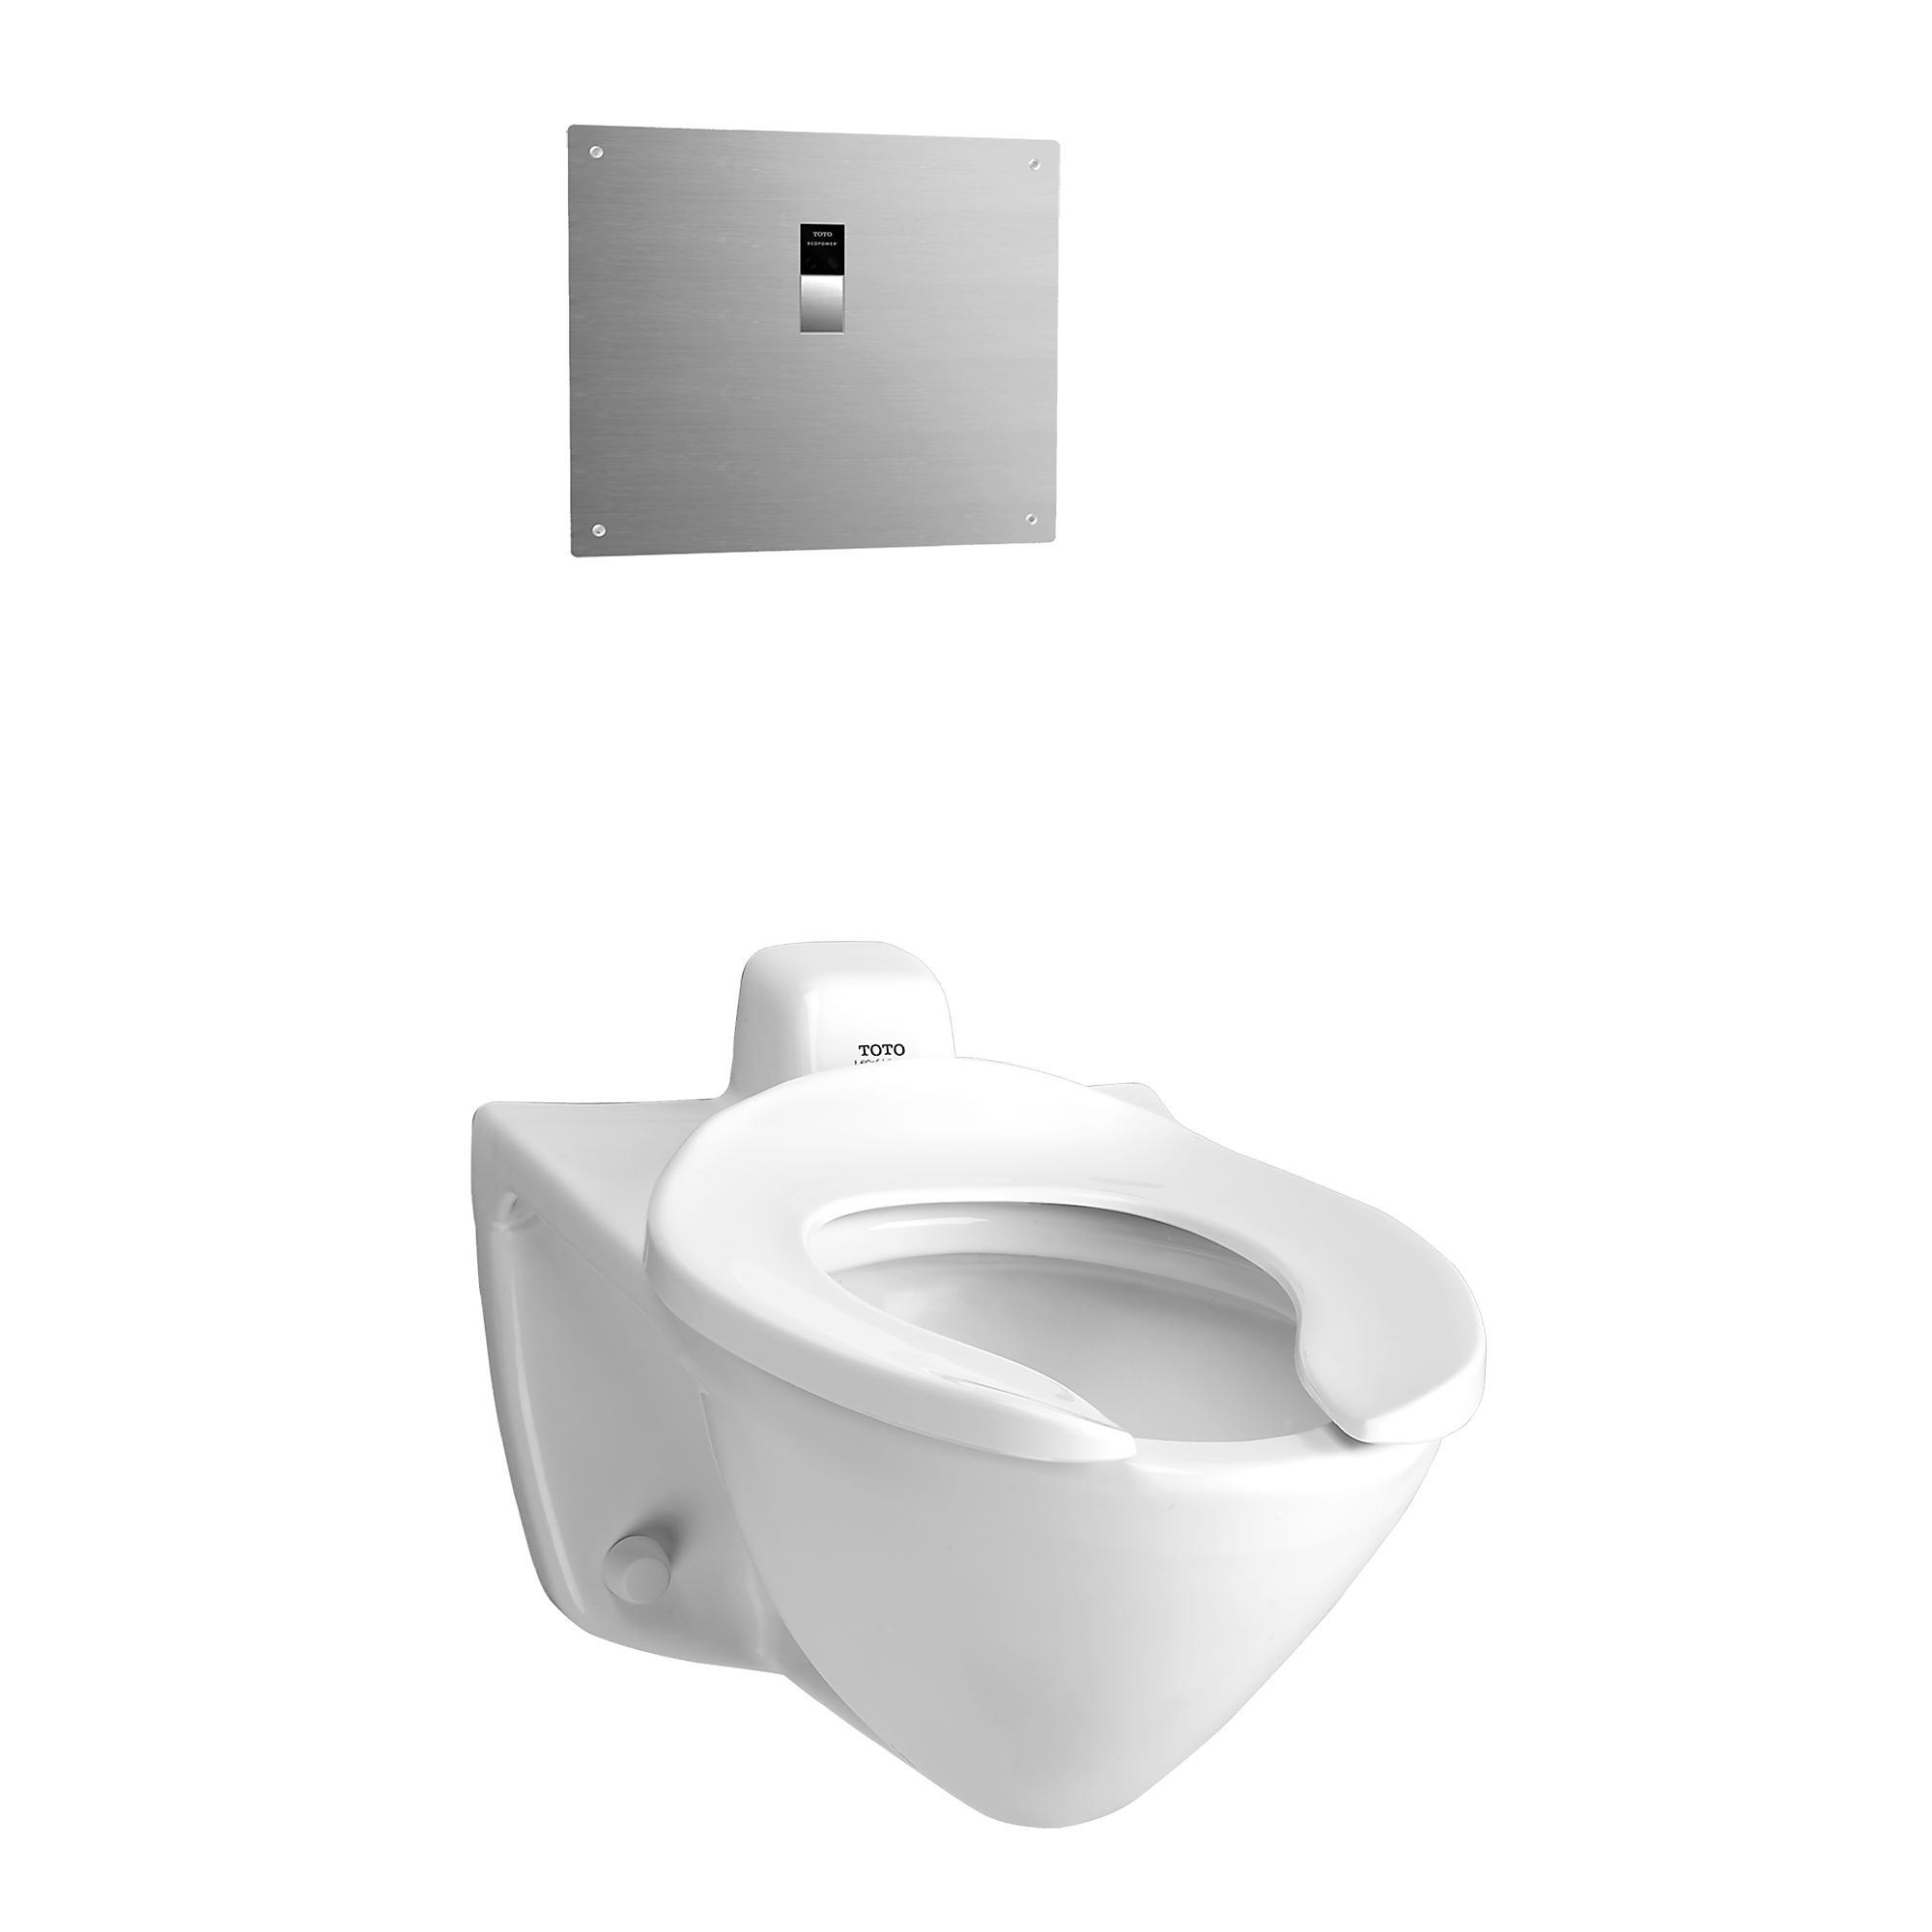 Ct708evg 01 commercial flushometer high efficiency toilet  1 28 gpf  elongated bowl  back inlet spud 0